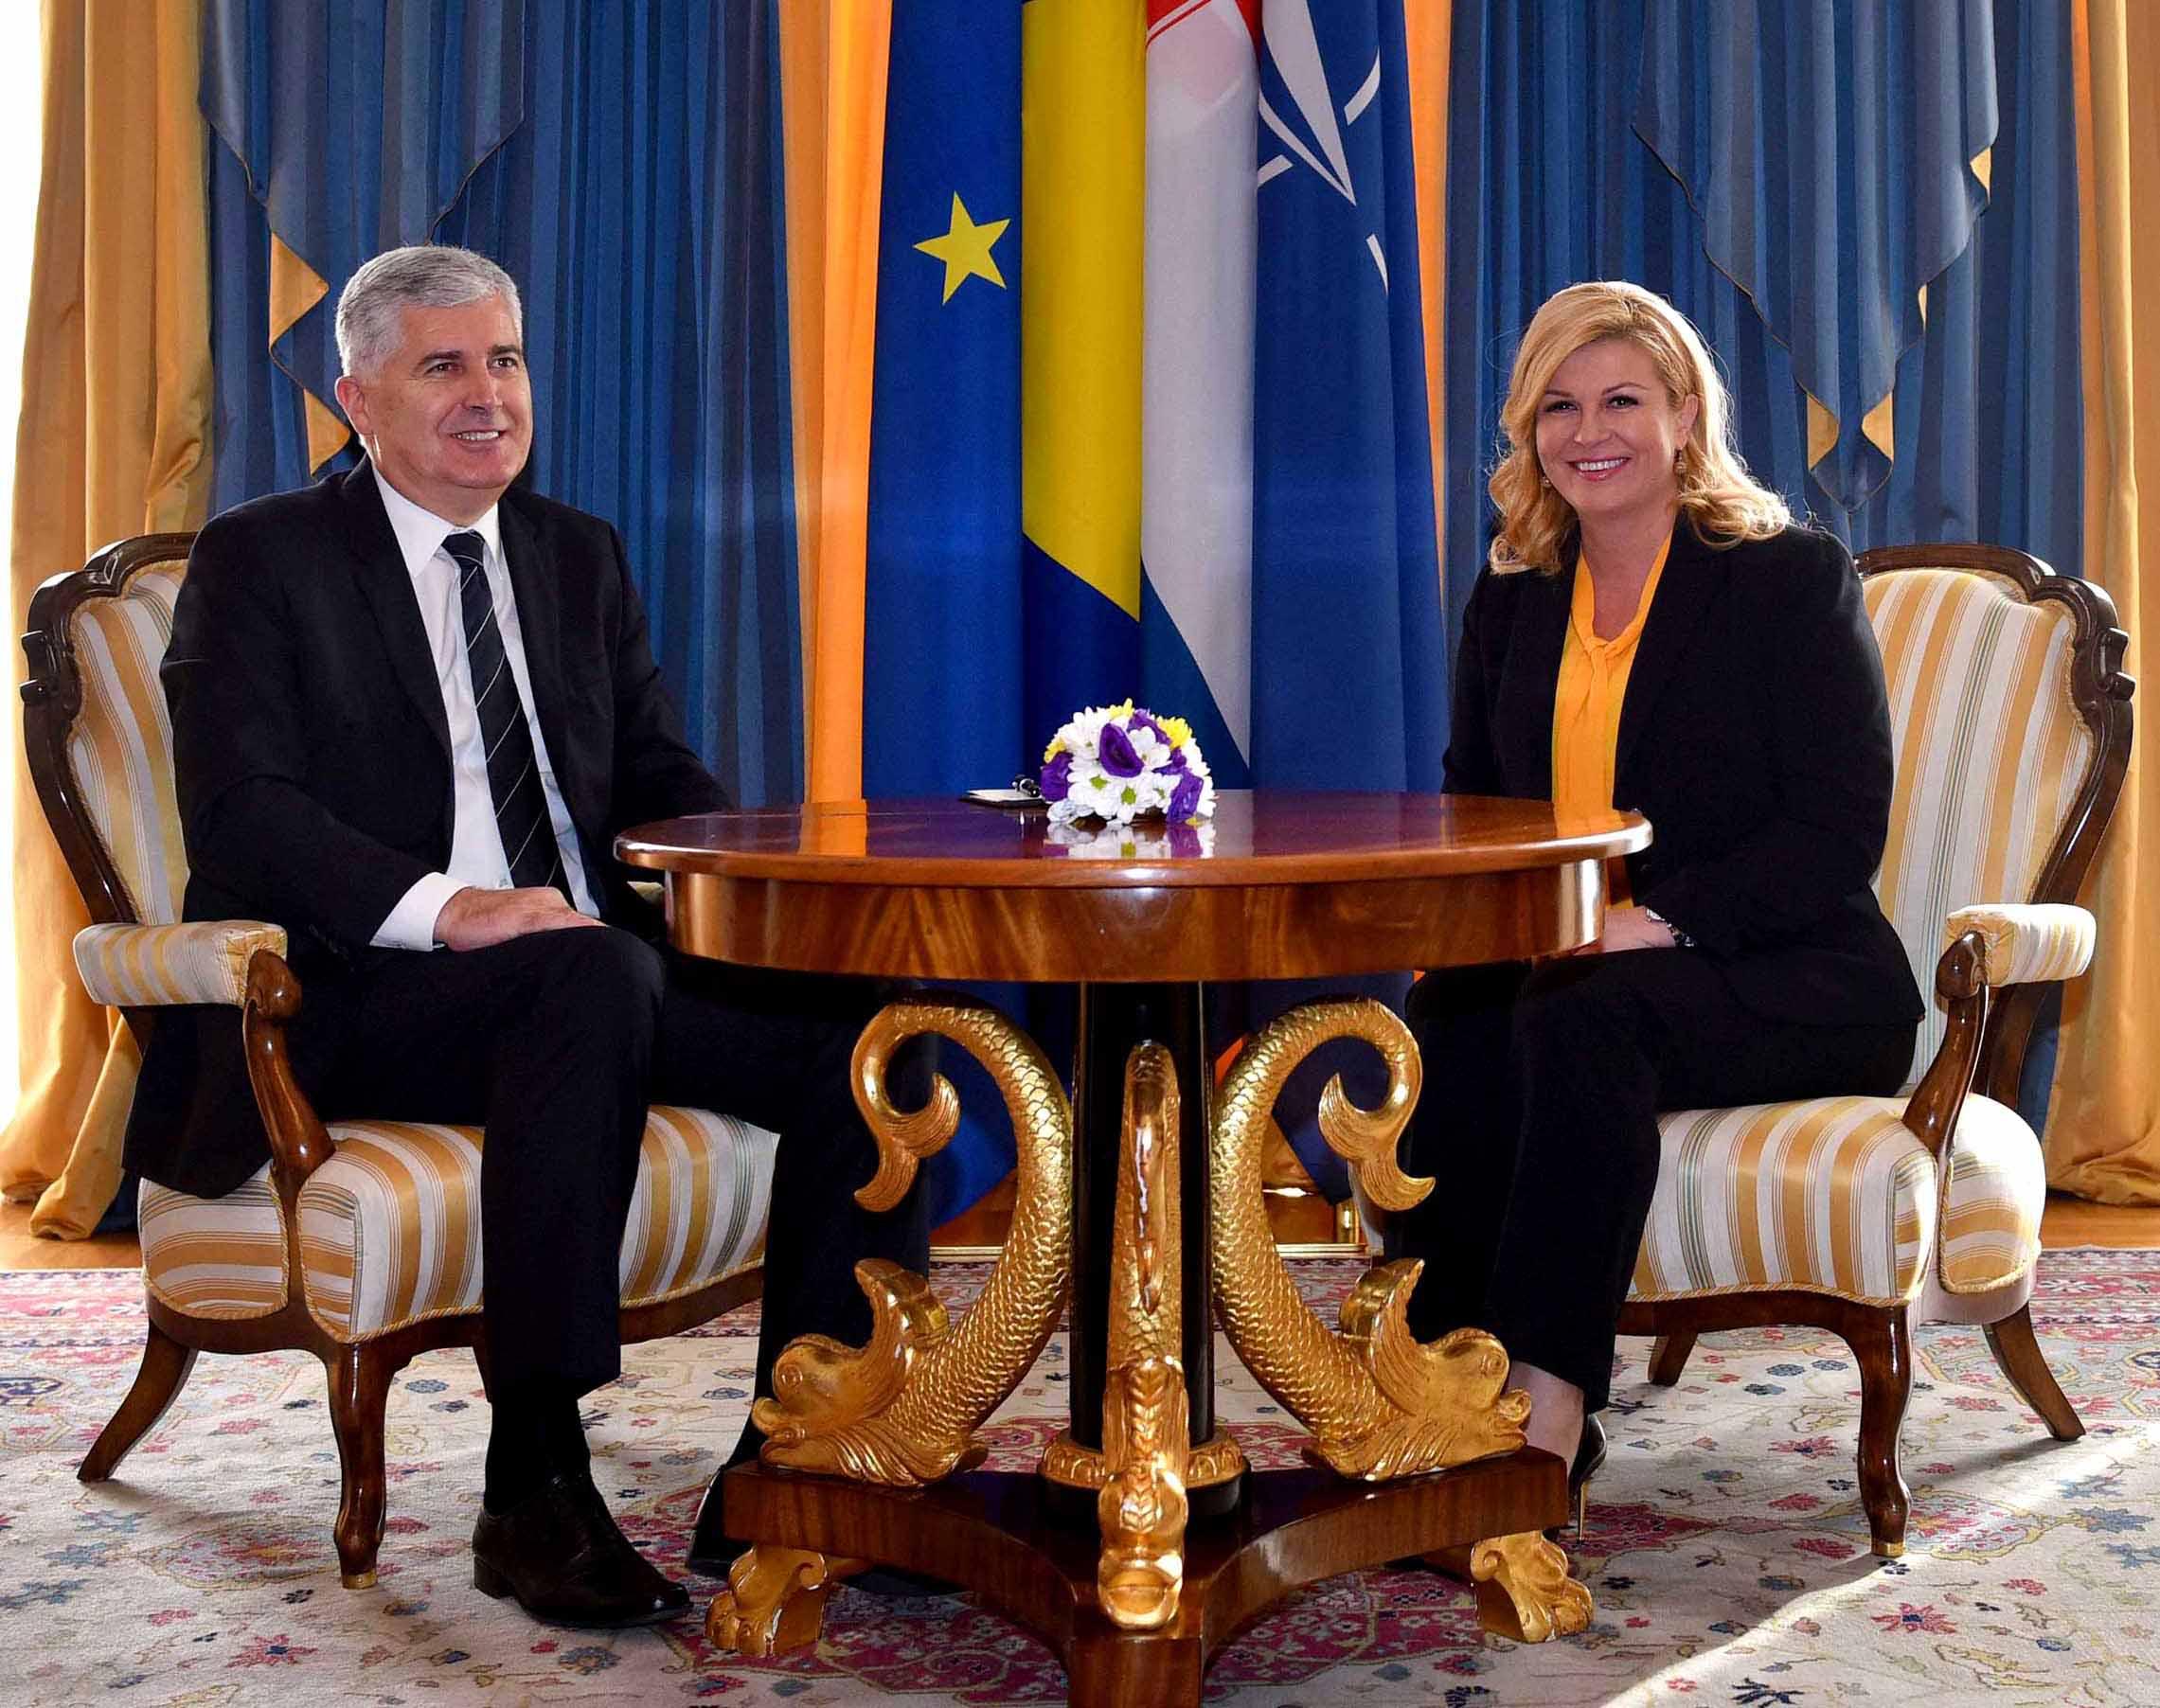 Radni sastanak Predsjednice s dr. Draganom Čovićem